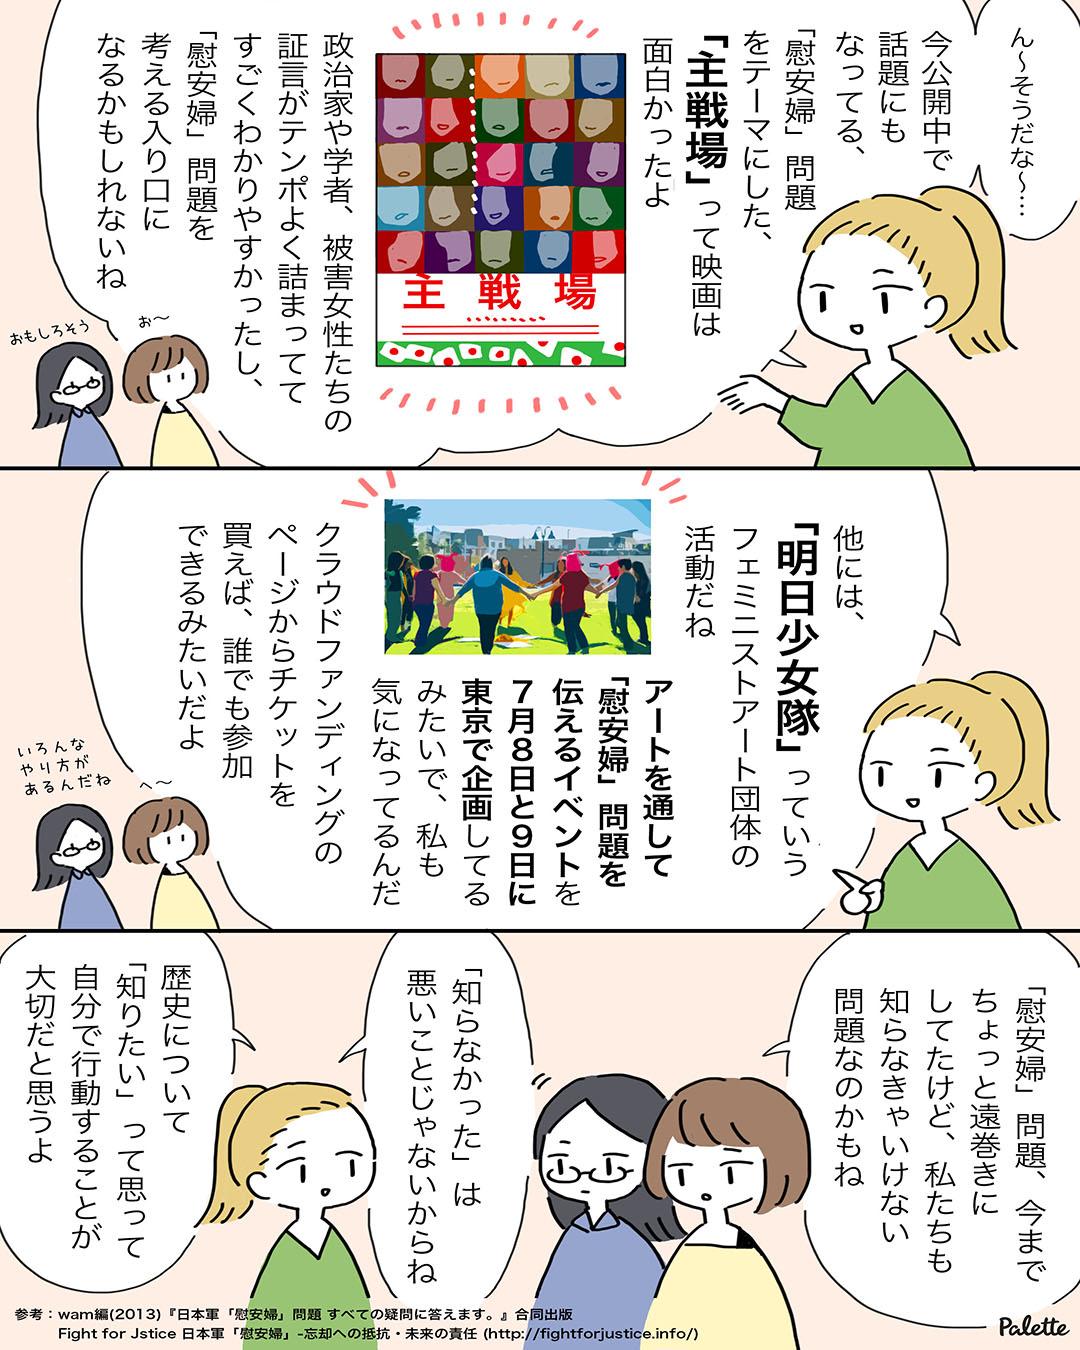 慰安婦04_インスタ.jpg